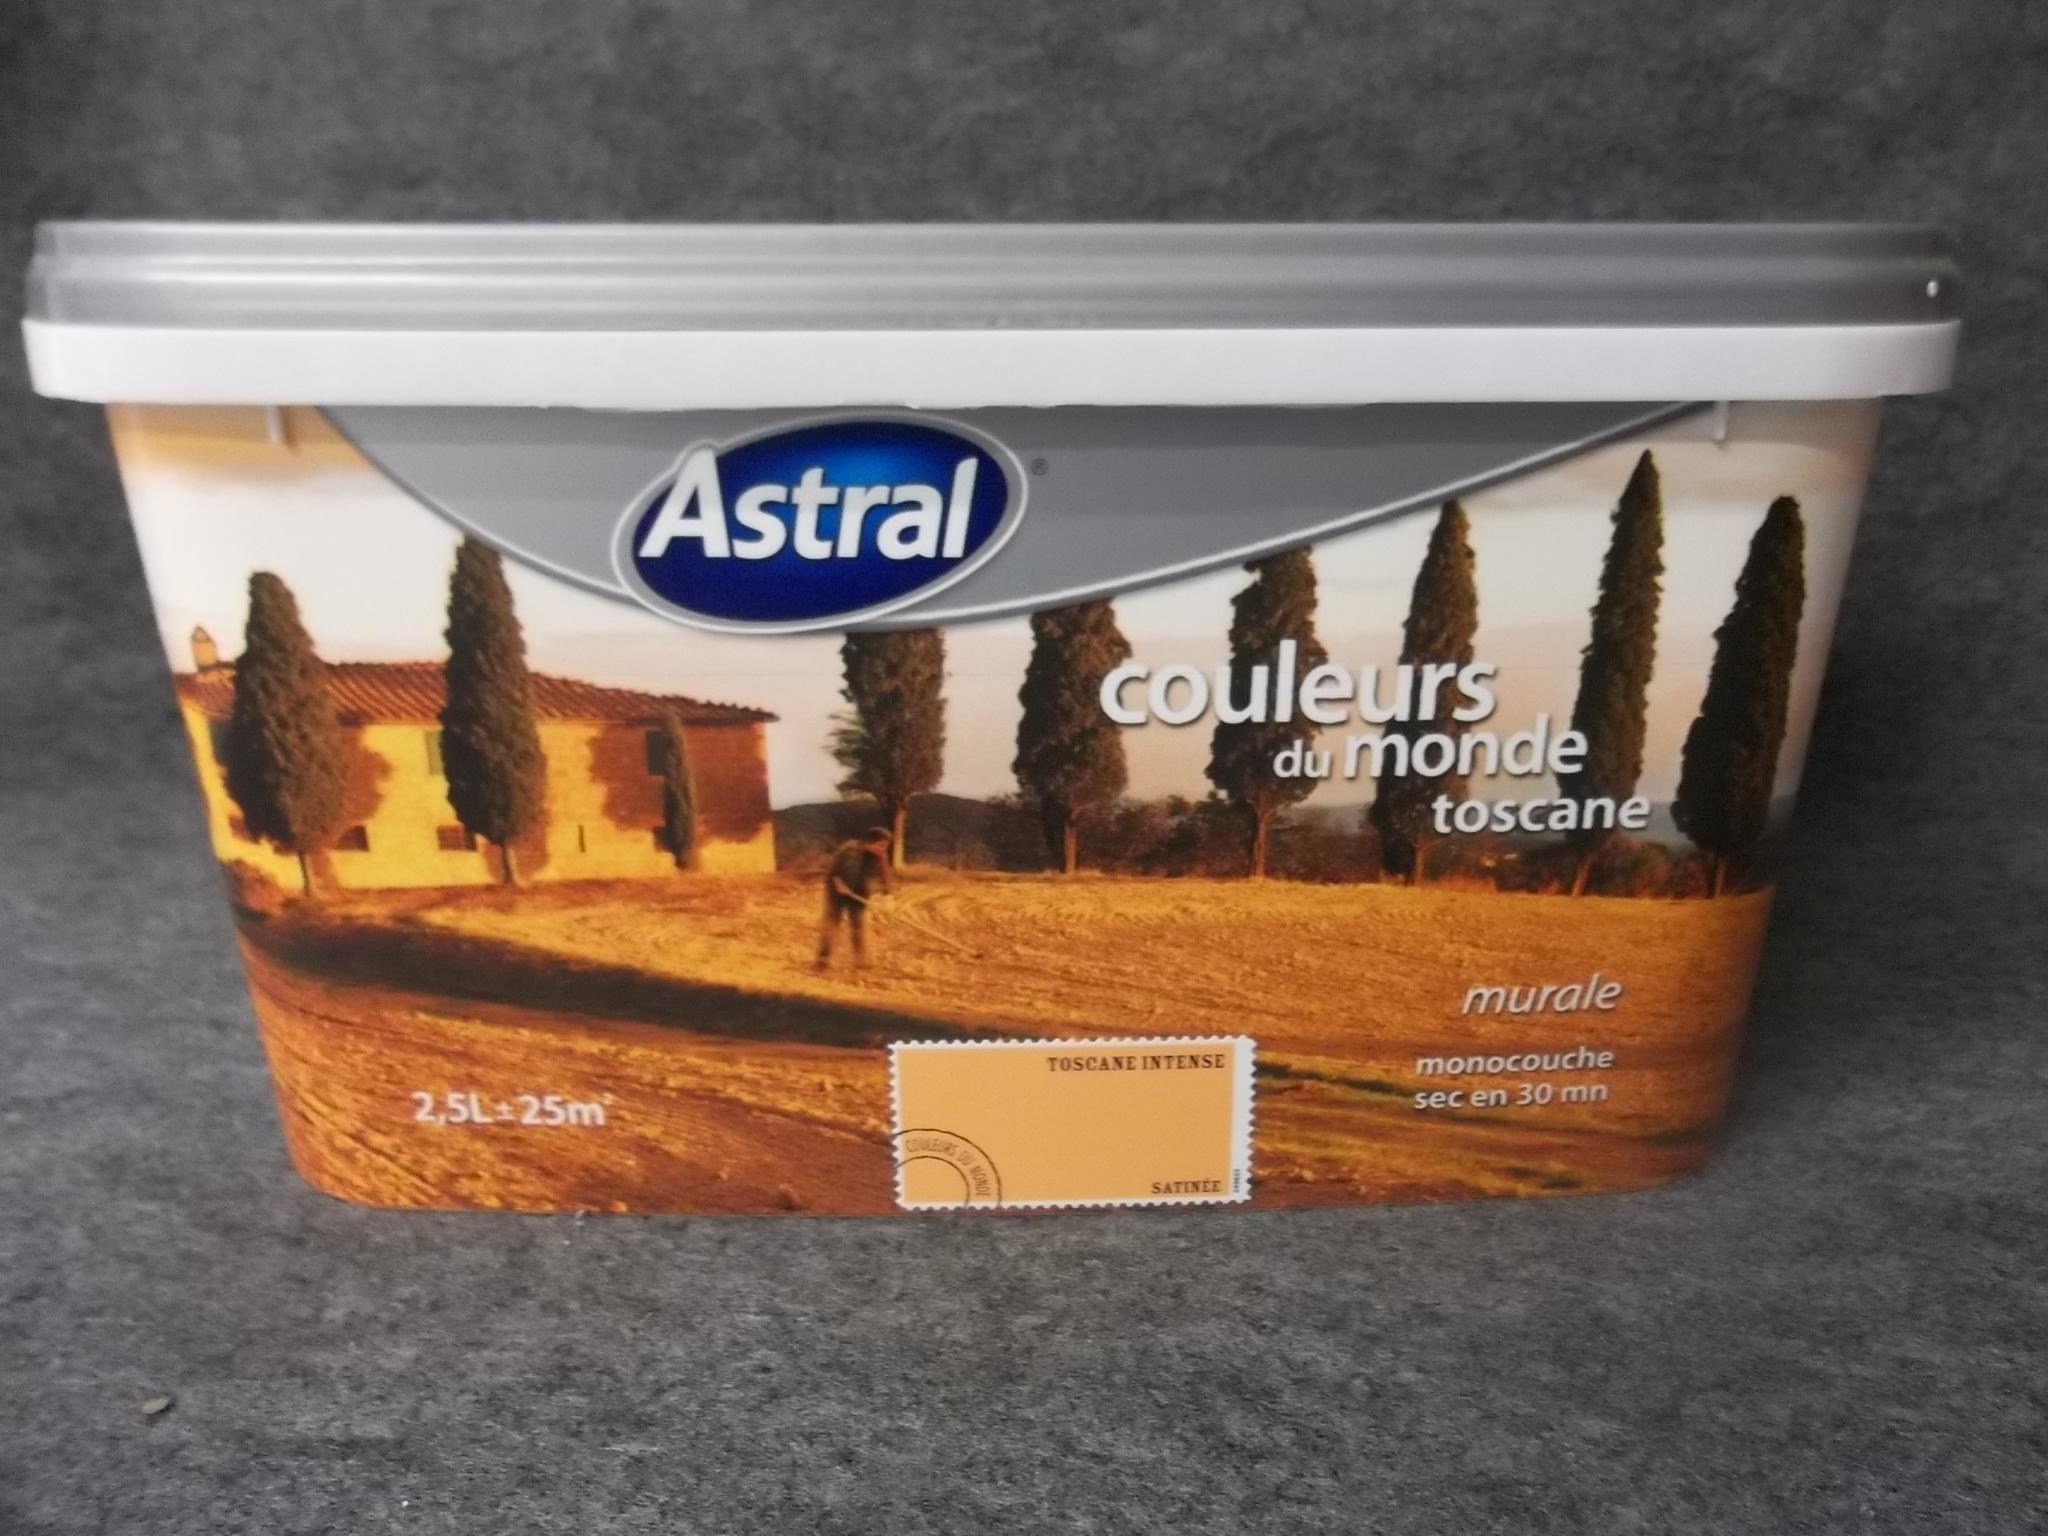 peinture monocouche couleurs du monde toscane astral 2 5 l astral g 39 peint destockage de. Black Bedroom Furniture Sets. Home Design Ideas